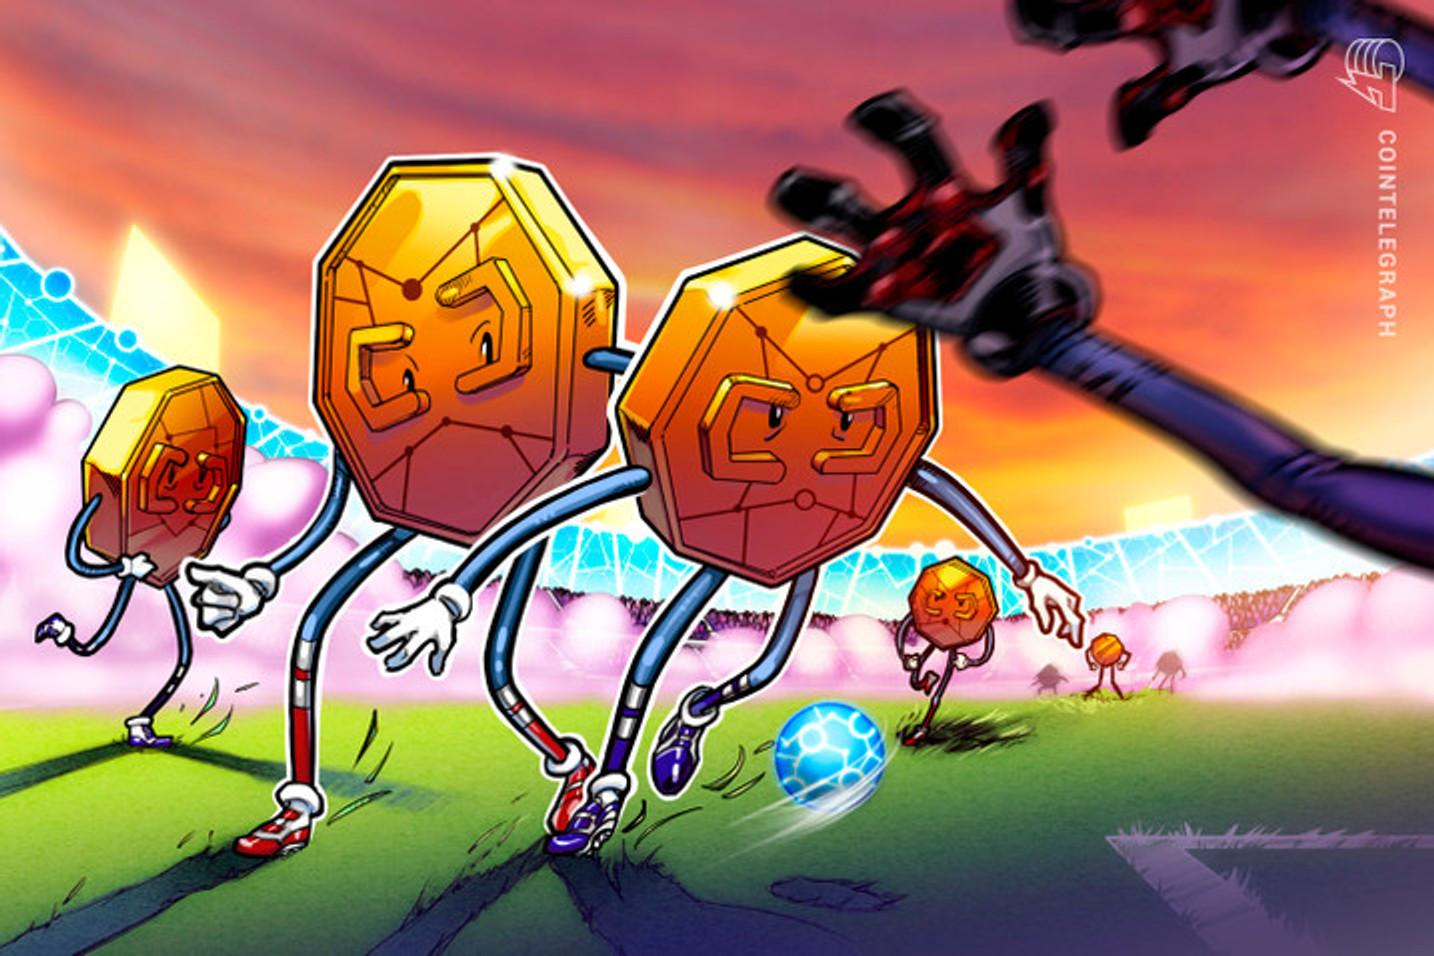 Seleção Brasileira anuncia parceria com empresa blockchain para lançar fan token e NFTs